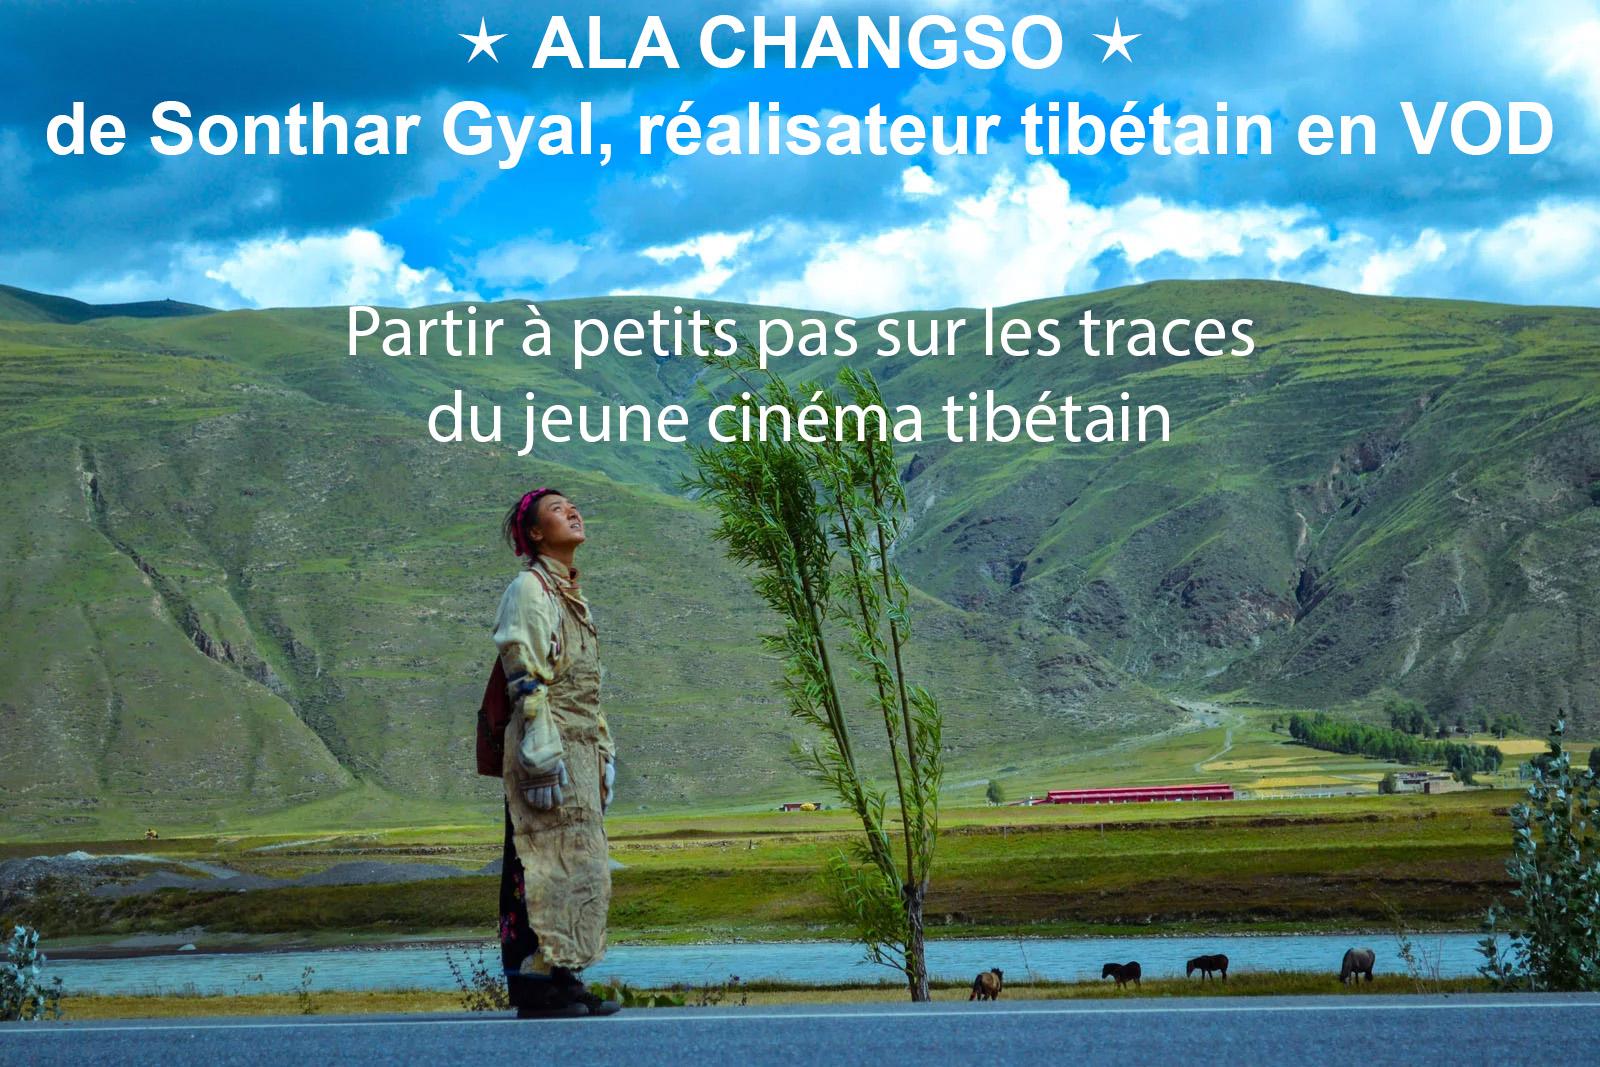 Ala Changso,de Sonthar Gyal, réalisateur tibétain, en VOD sur Internet